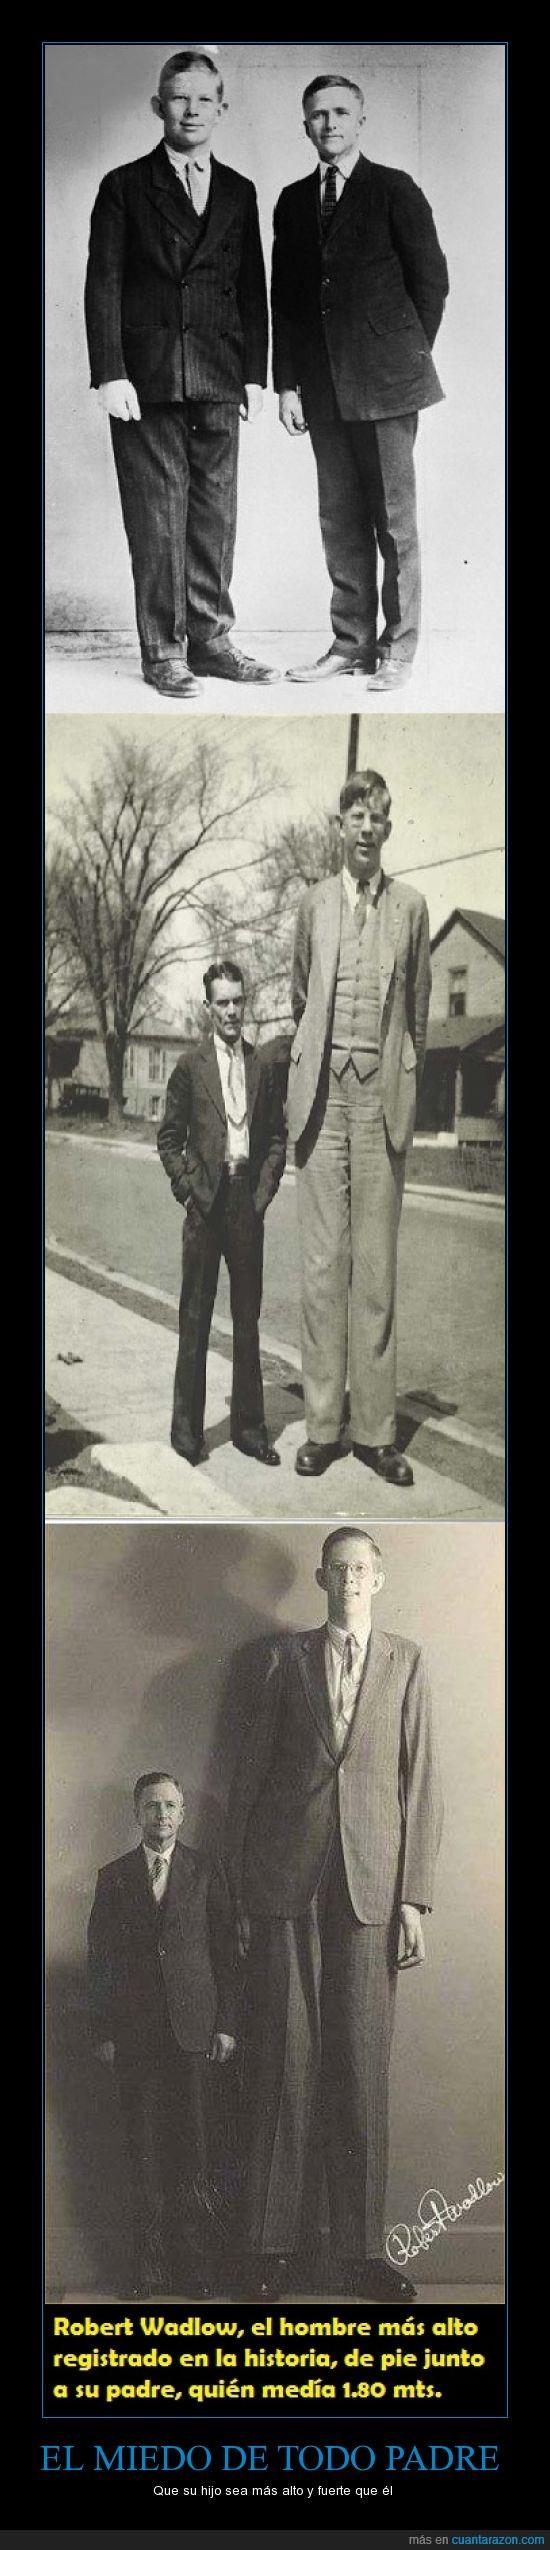 alto,hijo,más alto de la historia,Miedo,padre,Robert Wadlow